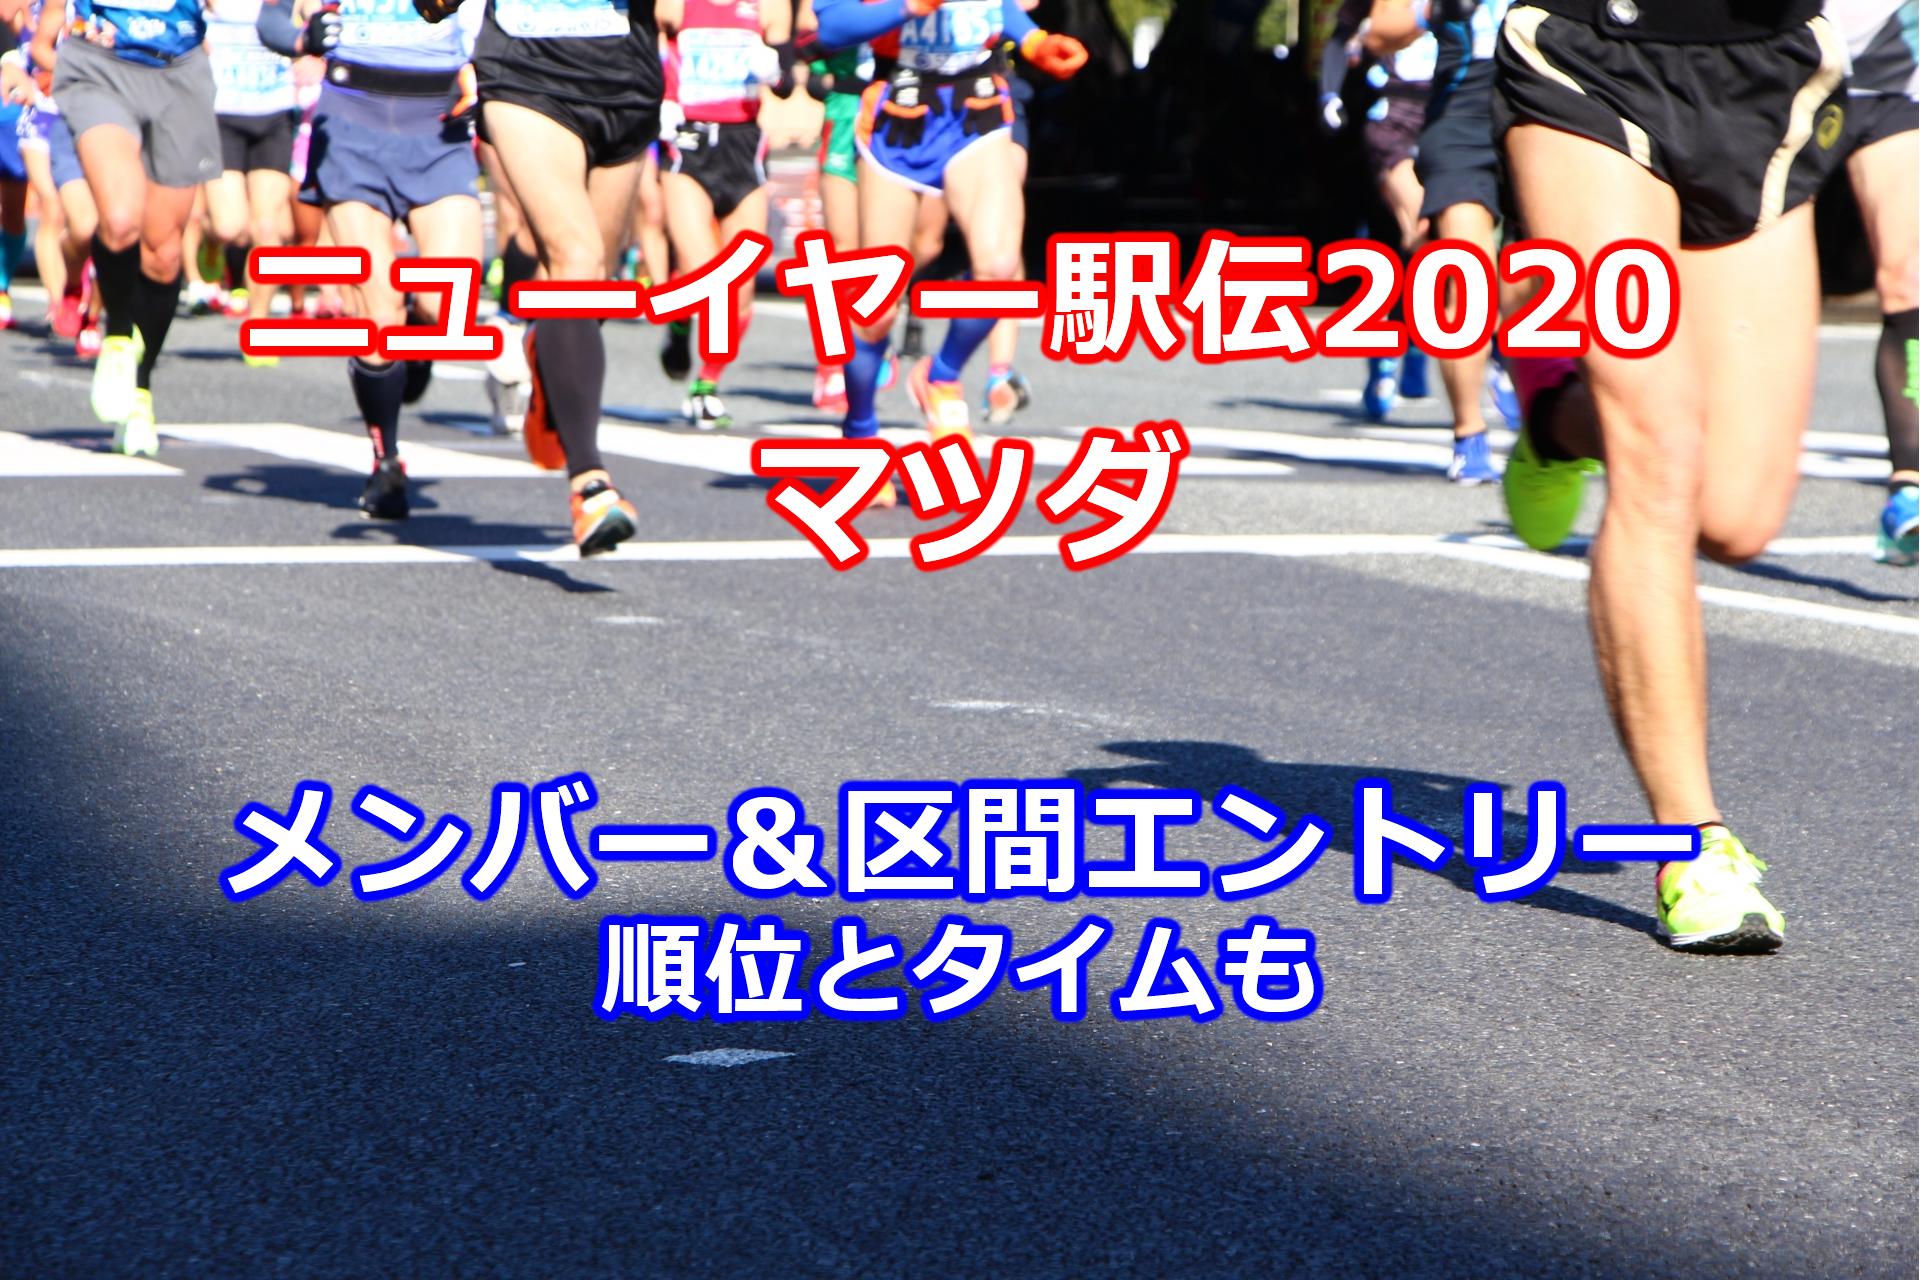 ニューイヤー駅伝2020マツダメンバー・区間エントリー・結果・順位・タイムまとめ